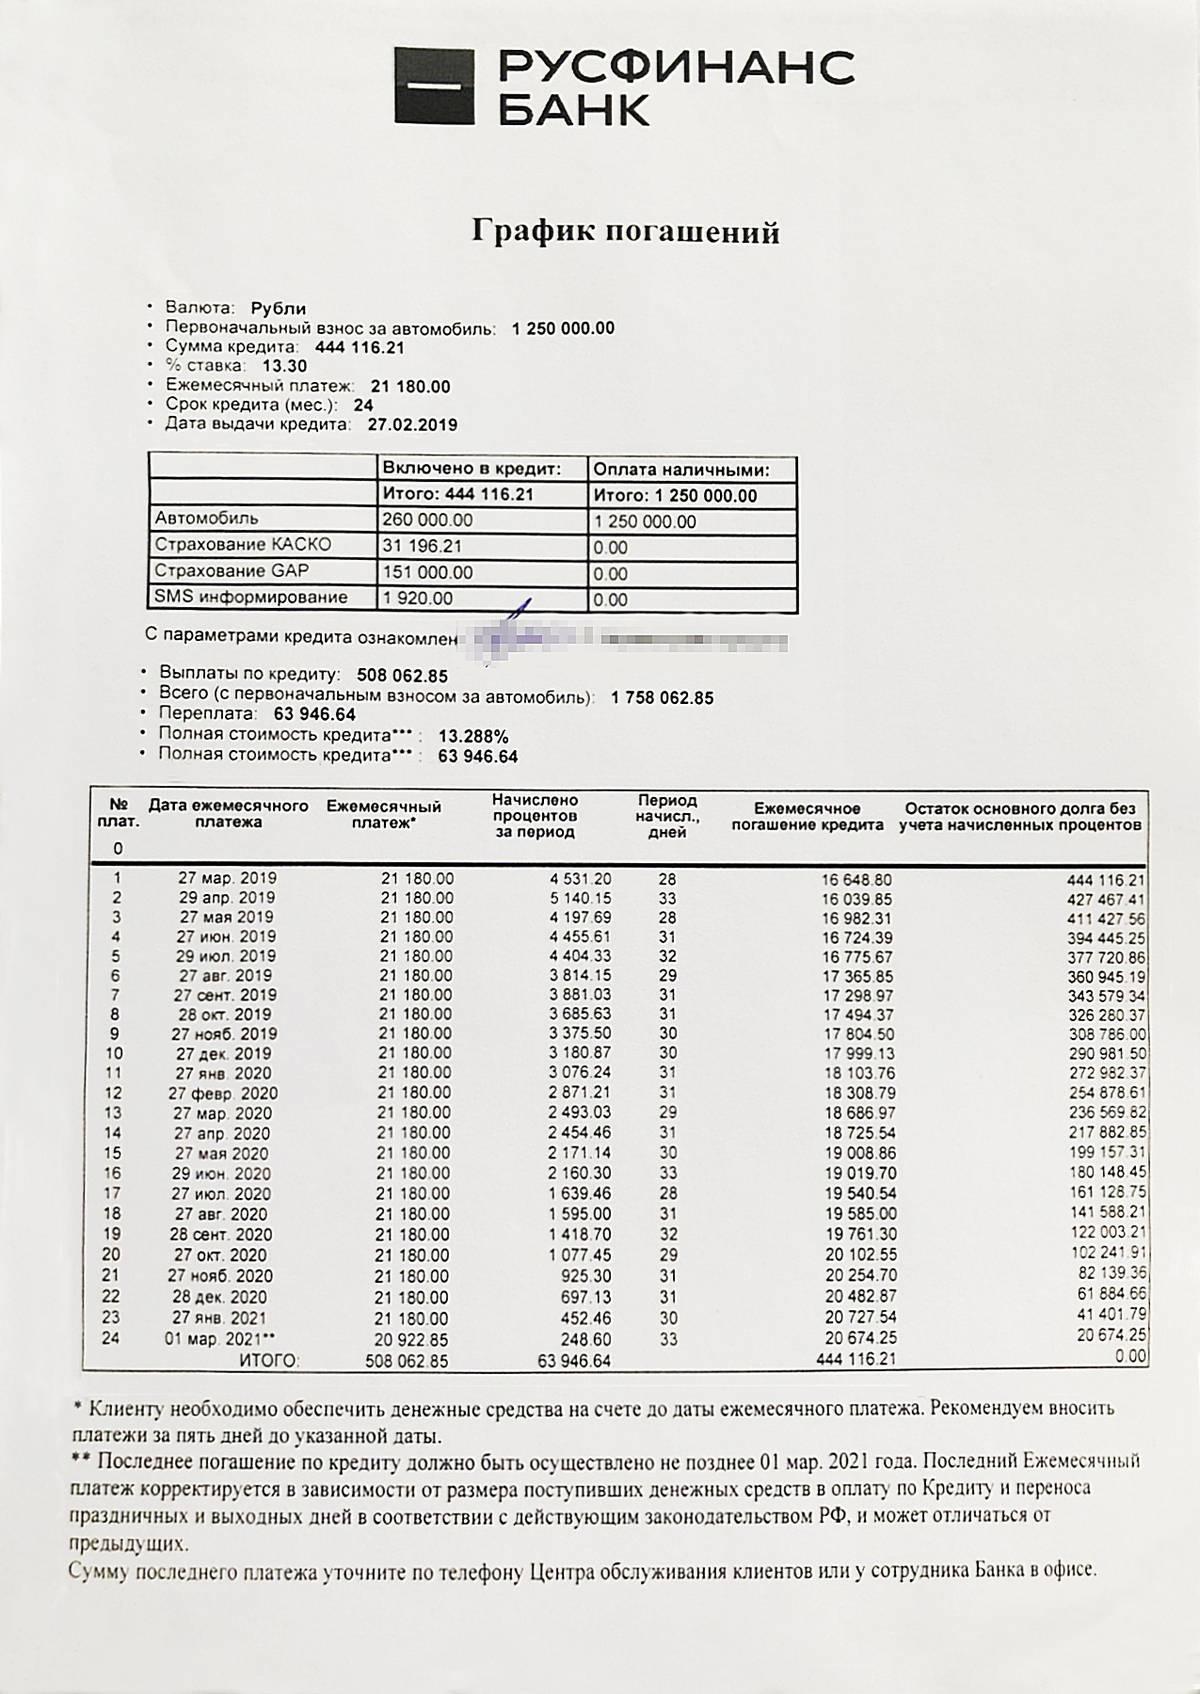 В графике видно, что размер кредита равен 260&nbsp;тысячам рублей, а к ним еще добавили 151&nbsp;тысячу за страховку GAP и 1920<span class=ruble>Р</span> за смс-информирование. Это увеличило тело кредита почти вдвое, как и размер процентов. Страховку вернули в страховую компанию в течение первых пяти дней. В кредитном договоре не было условия о повышении стоимости автомобиля или процентной ставки при&nbsp;отказе от страхования